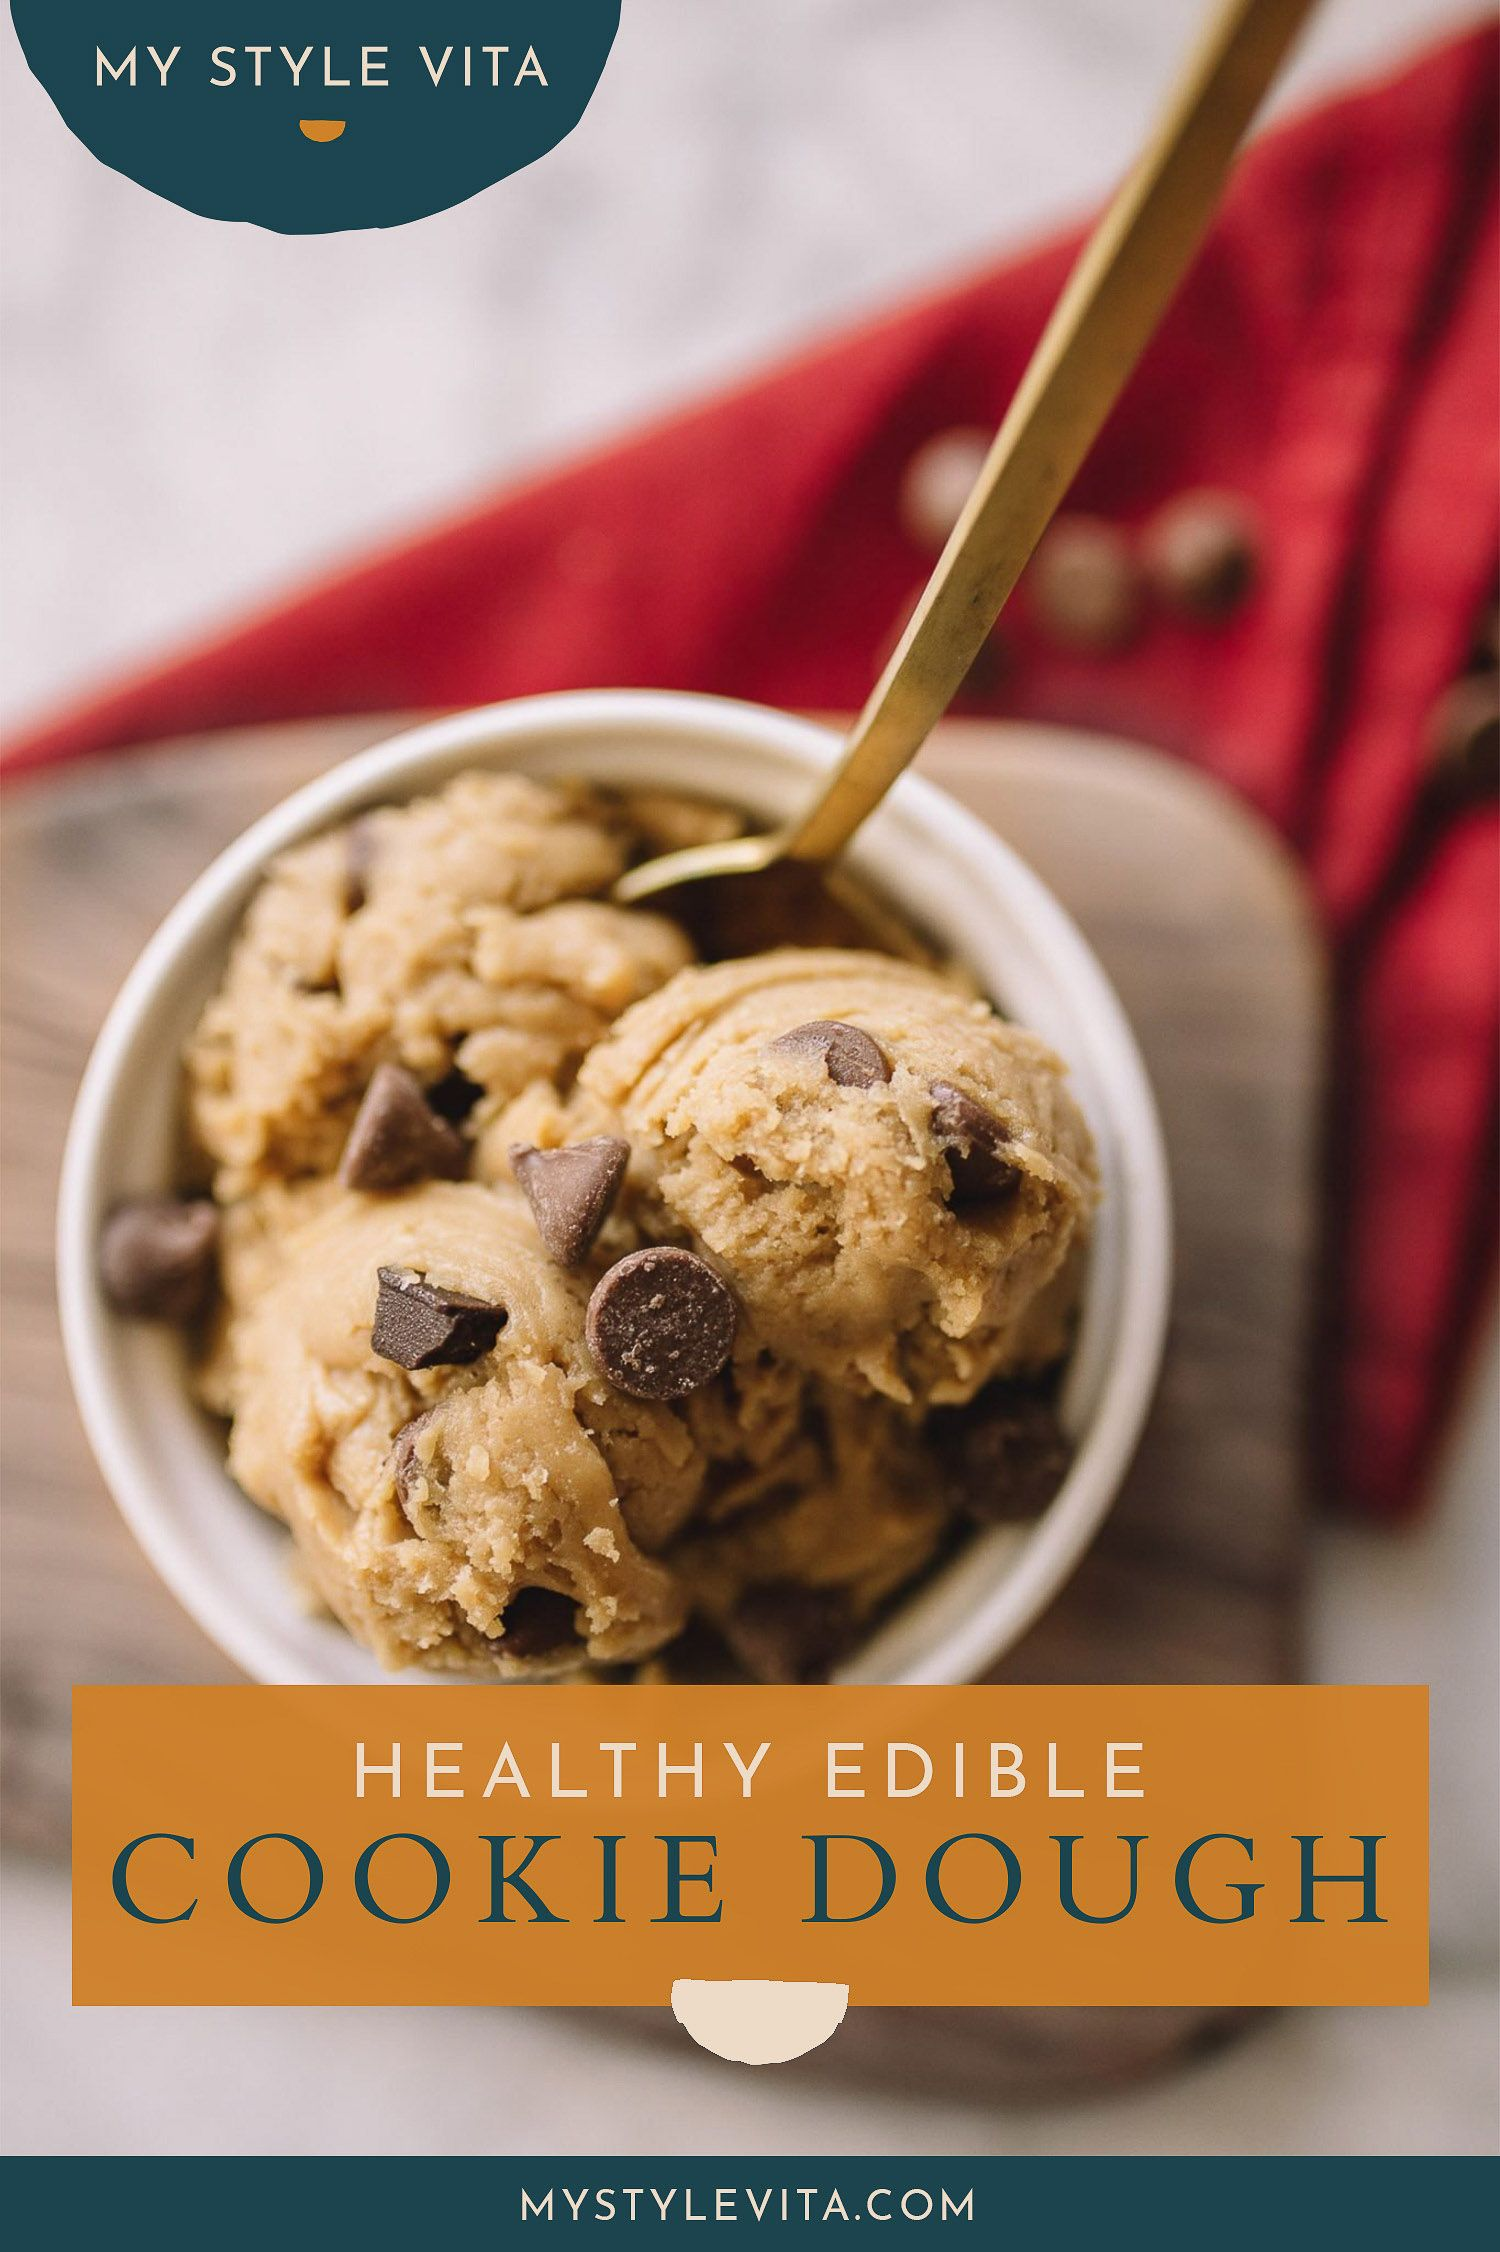 Healthy Edible Cookie Dough Recipe An Indigo Day Recipe In 2020 Cookie Dough Recipes Edible Cookie Dough Healthy Edible Cookie Dough Recipe